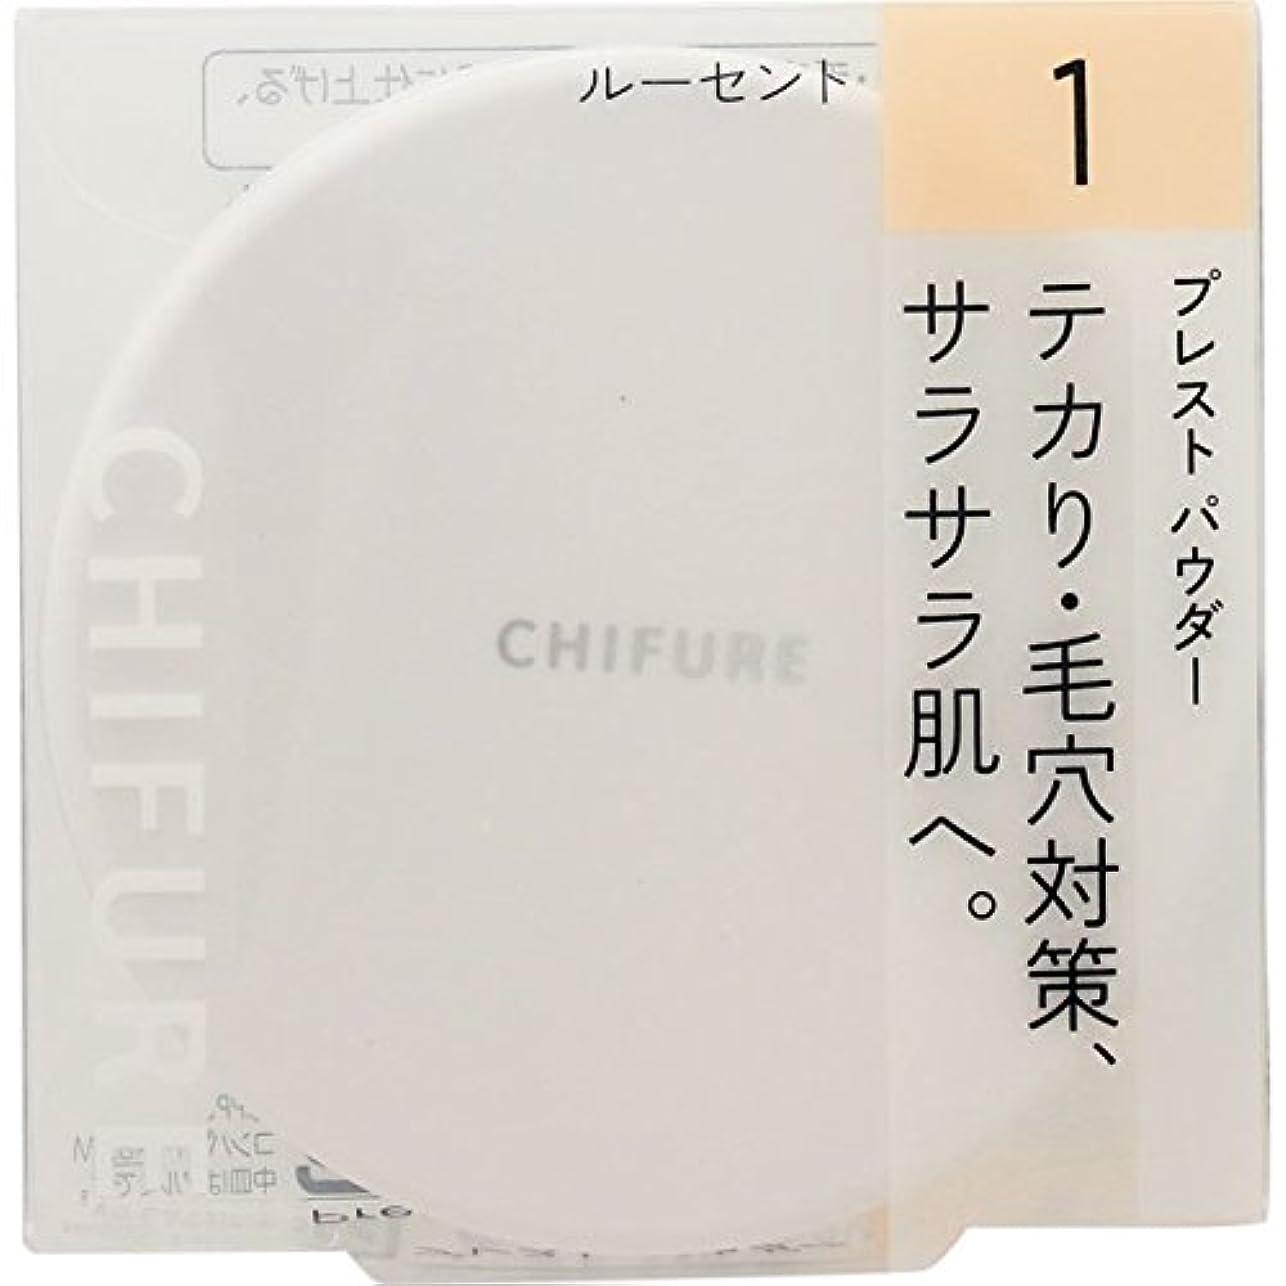 単調な周囲アイザックちふれ化粧品 ちふれ プレストパウダーS 1 プレストパウダーS1